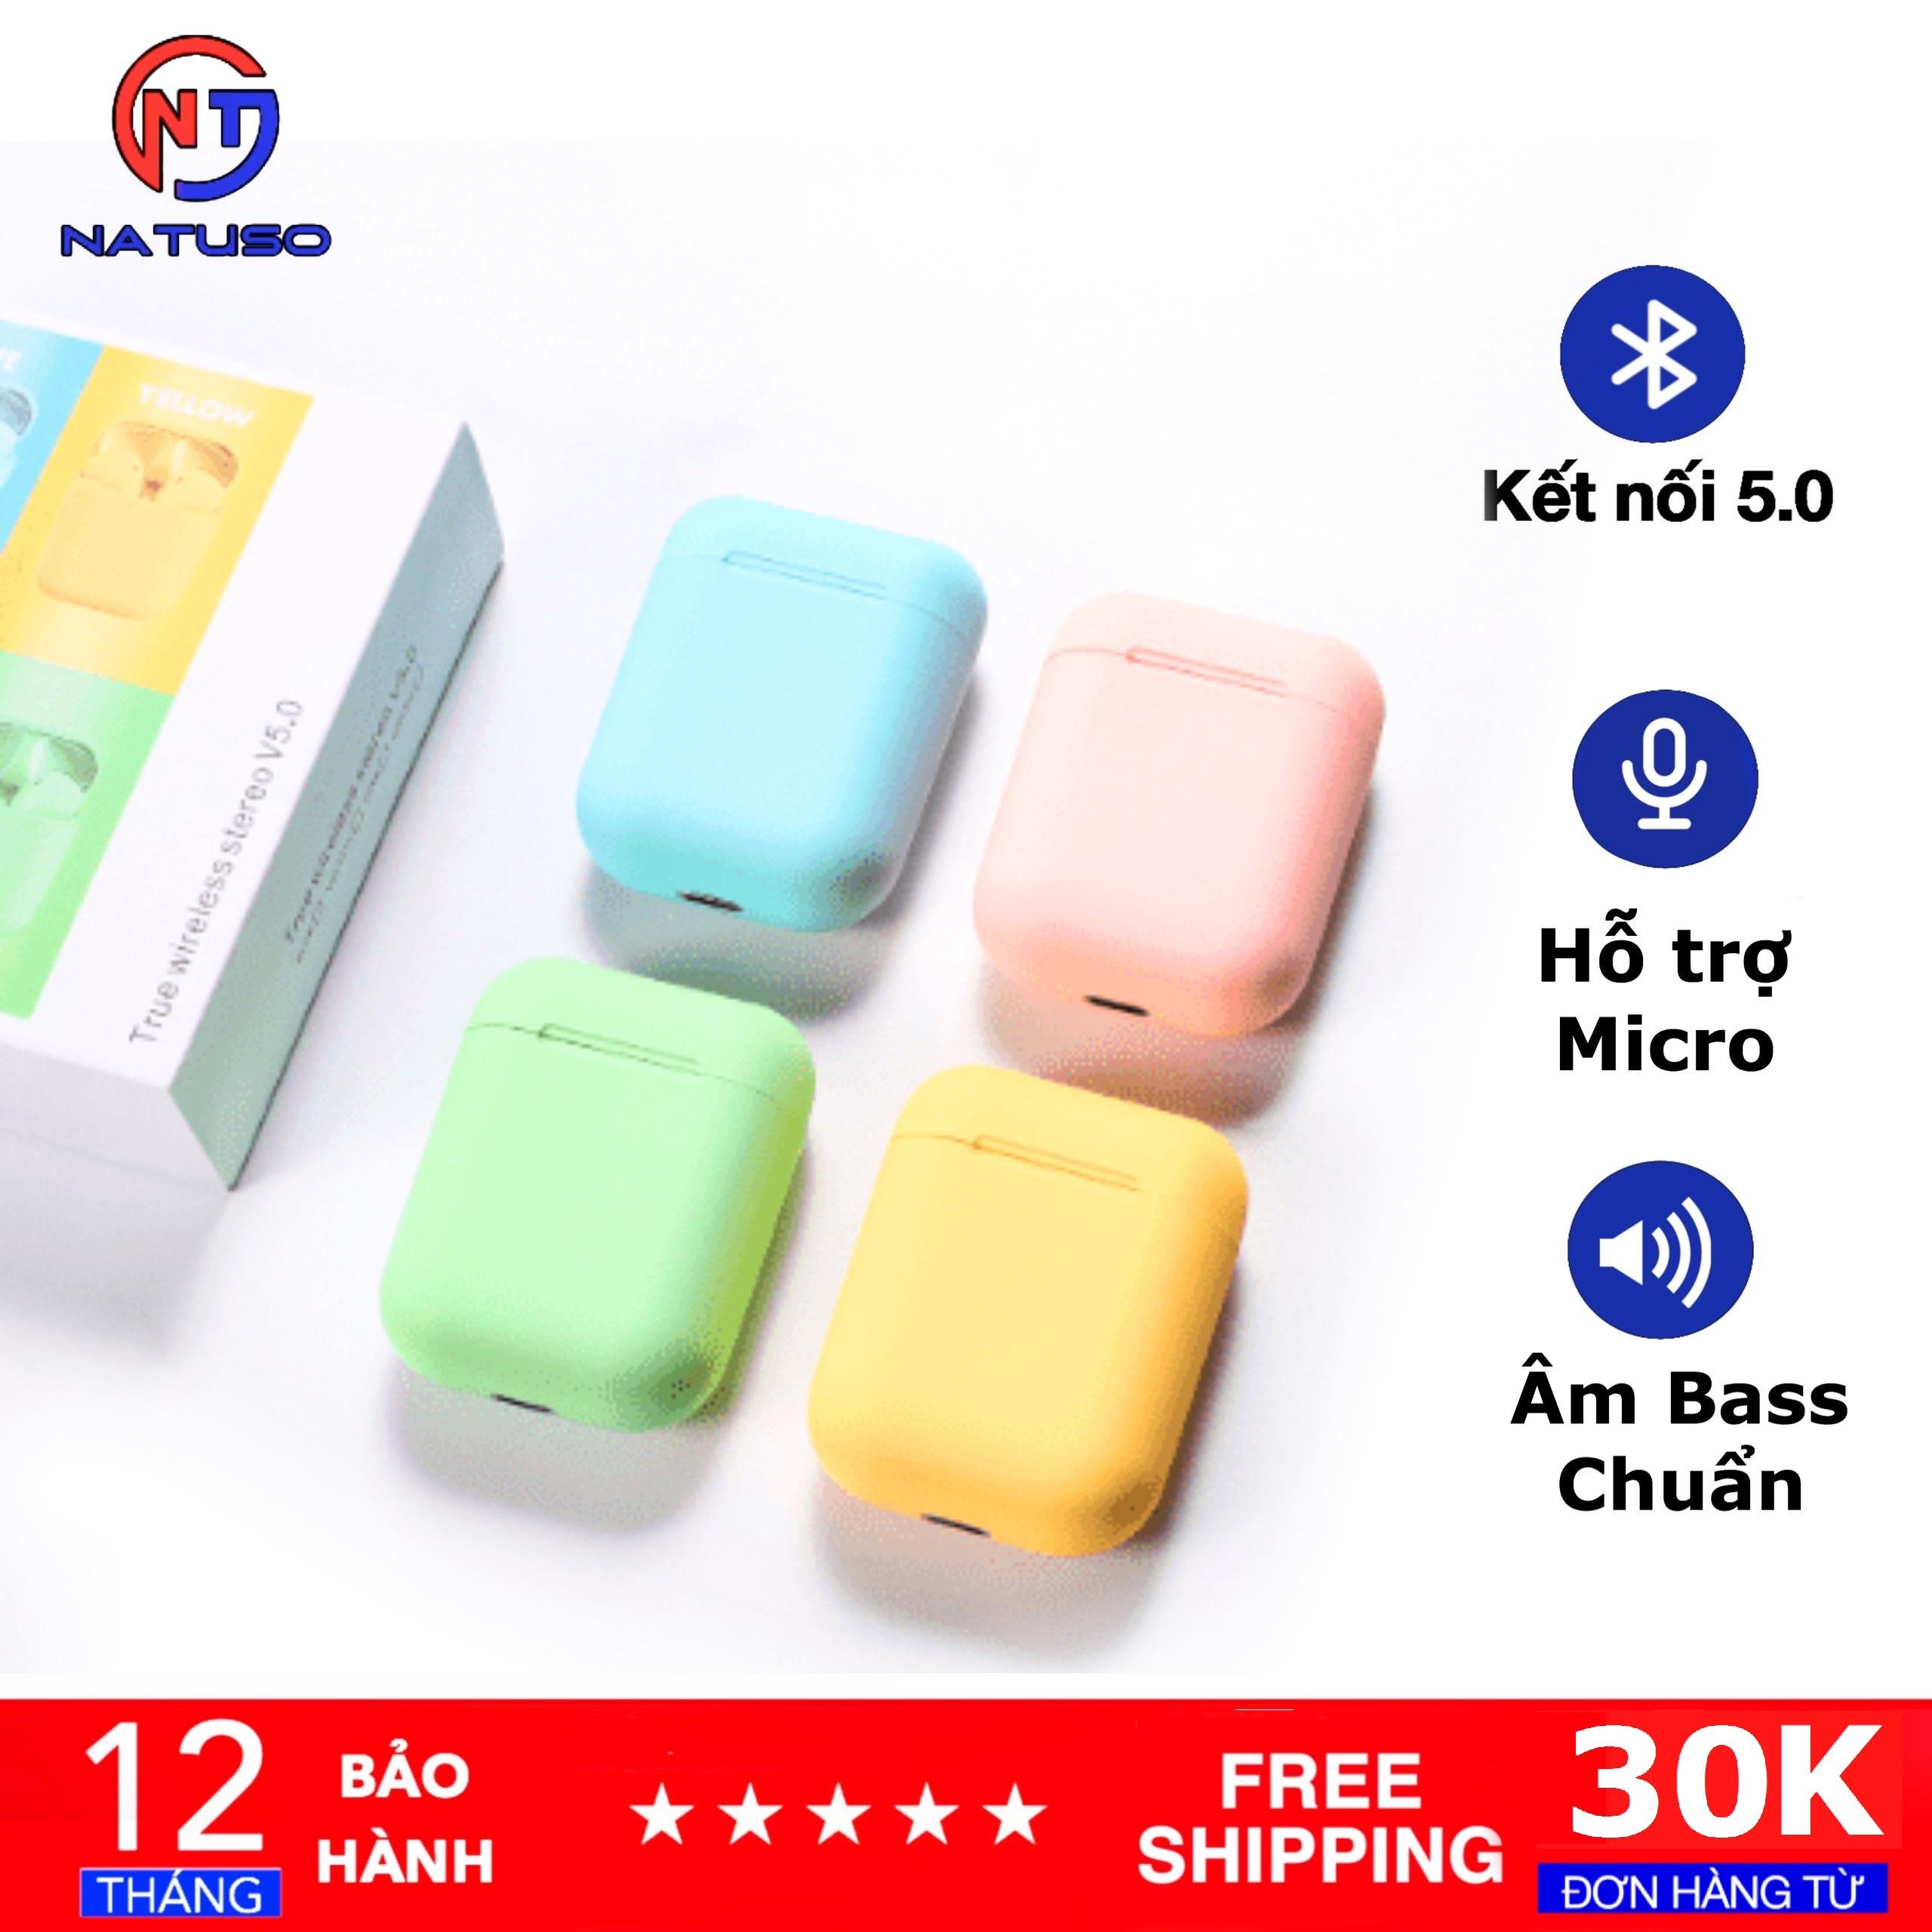 Tai Nghe Bluetooth Nhét Tai INPODS I12 Tws 5.0 Không Dây, Nút Cảm Ứng Bluetooth, Nhiều Màu Sắc Thời Thượng